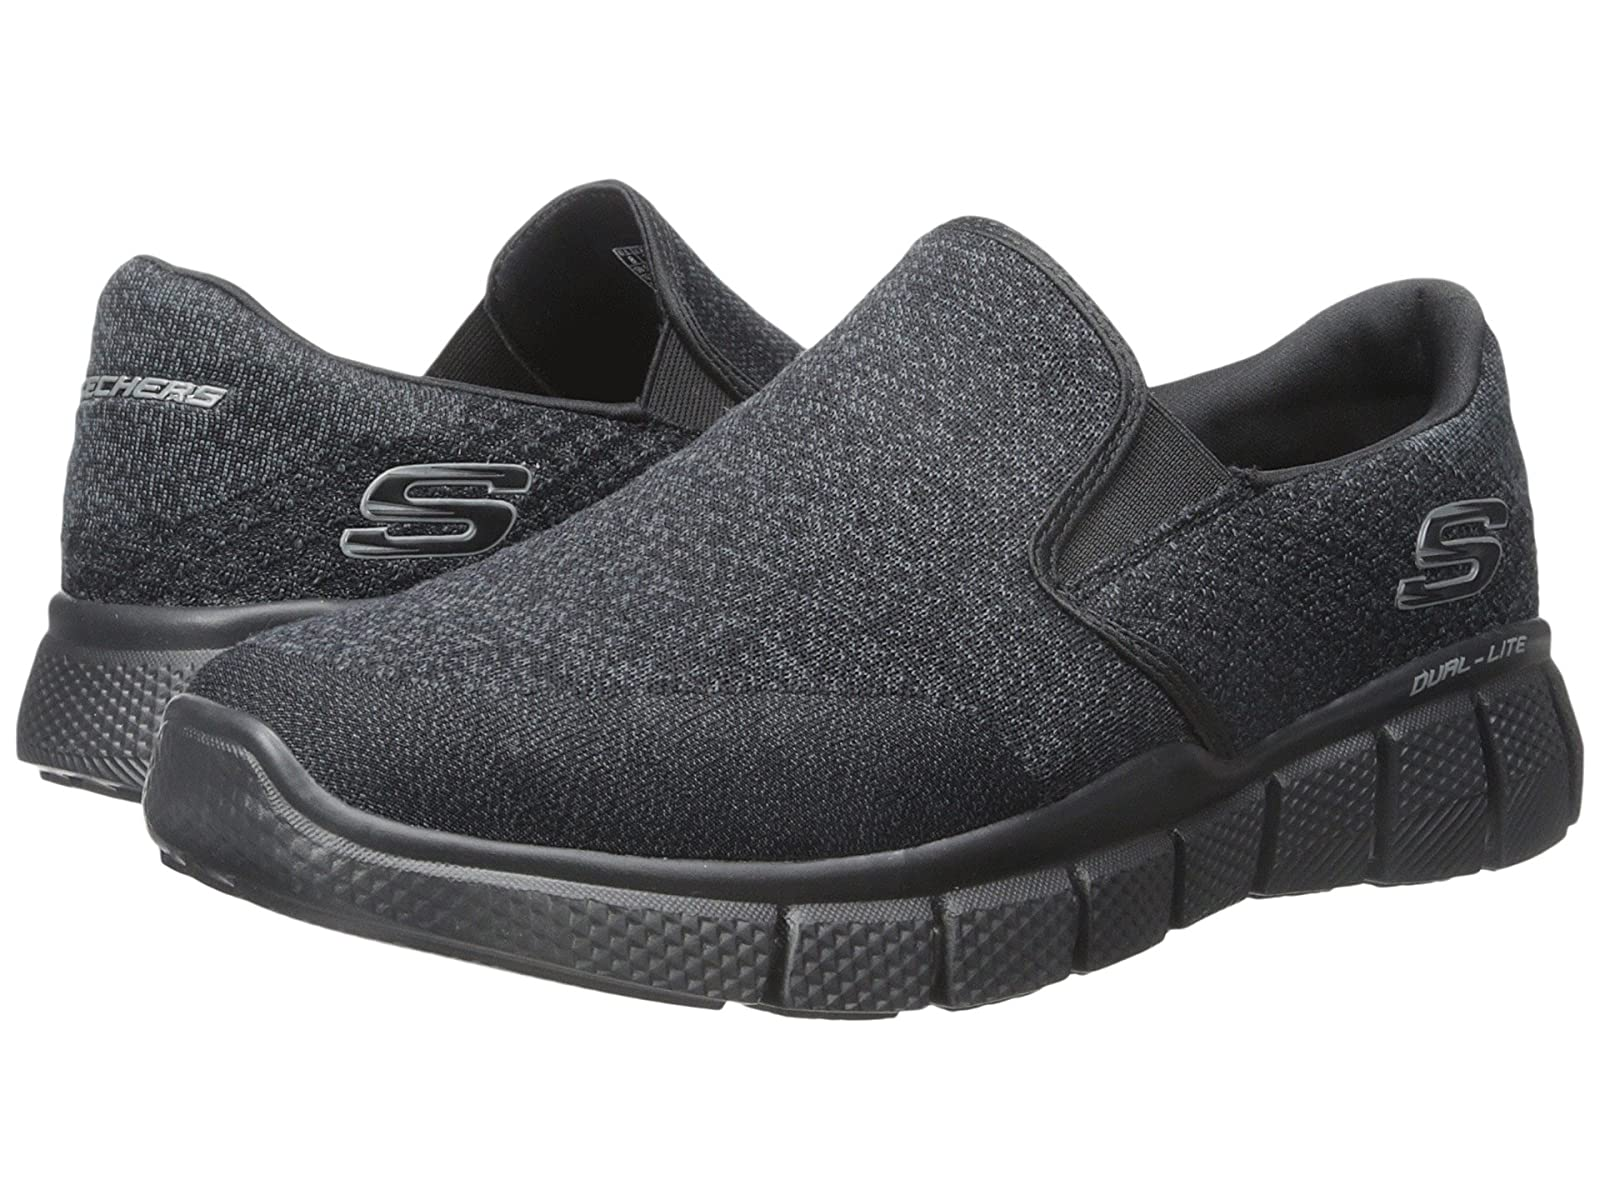 SKECHERS Equalizer 2.0Atmospheric grades have affordable shoes